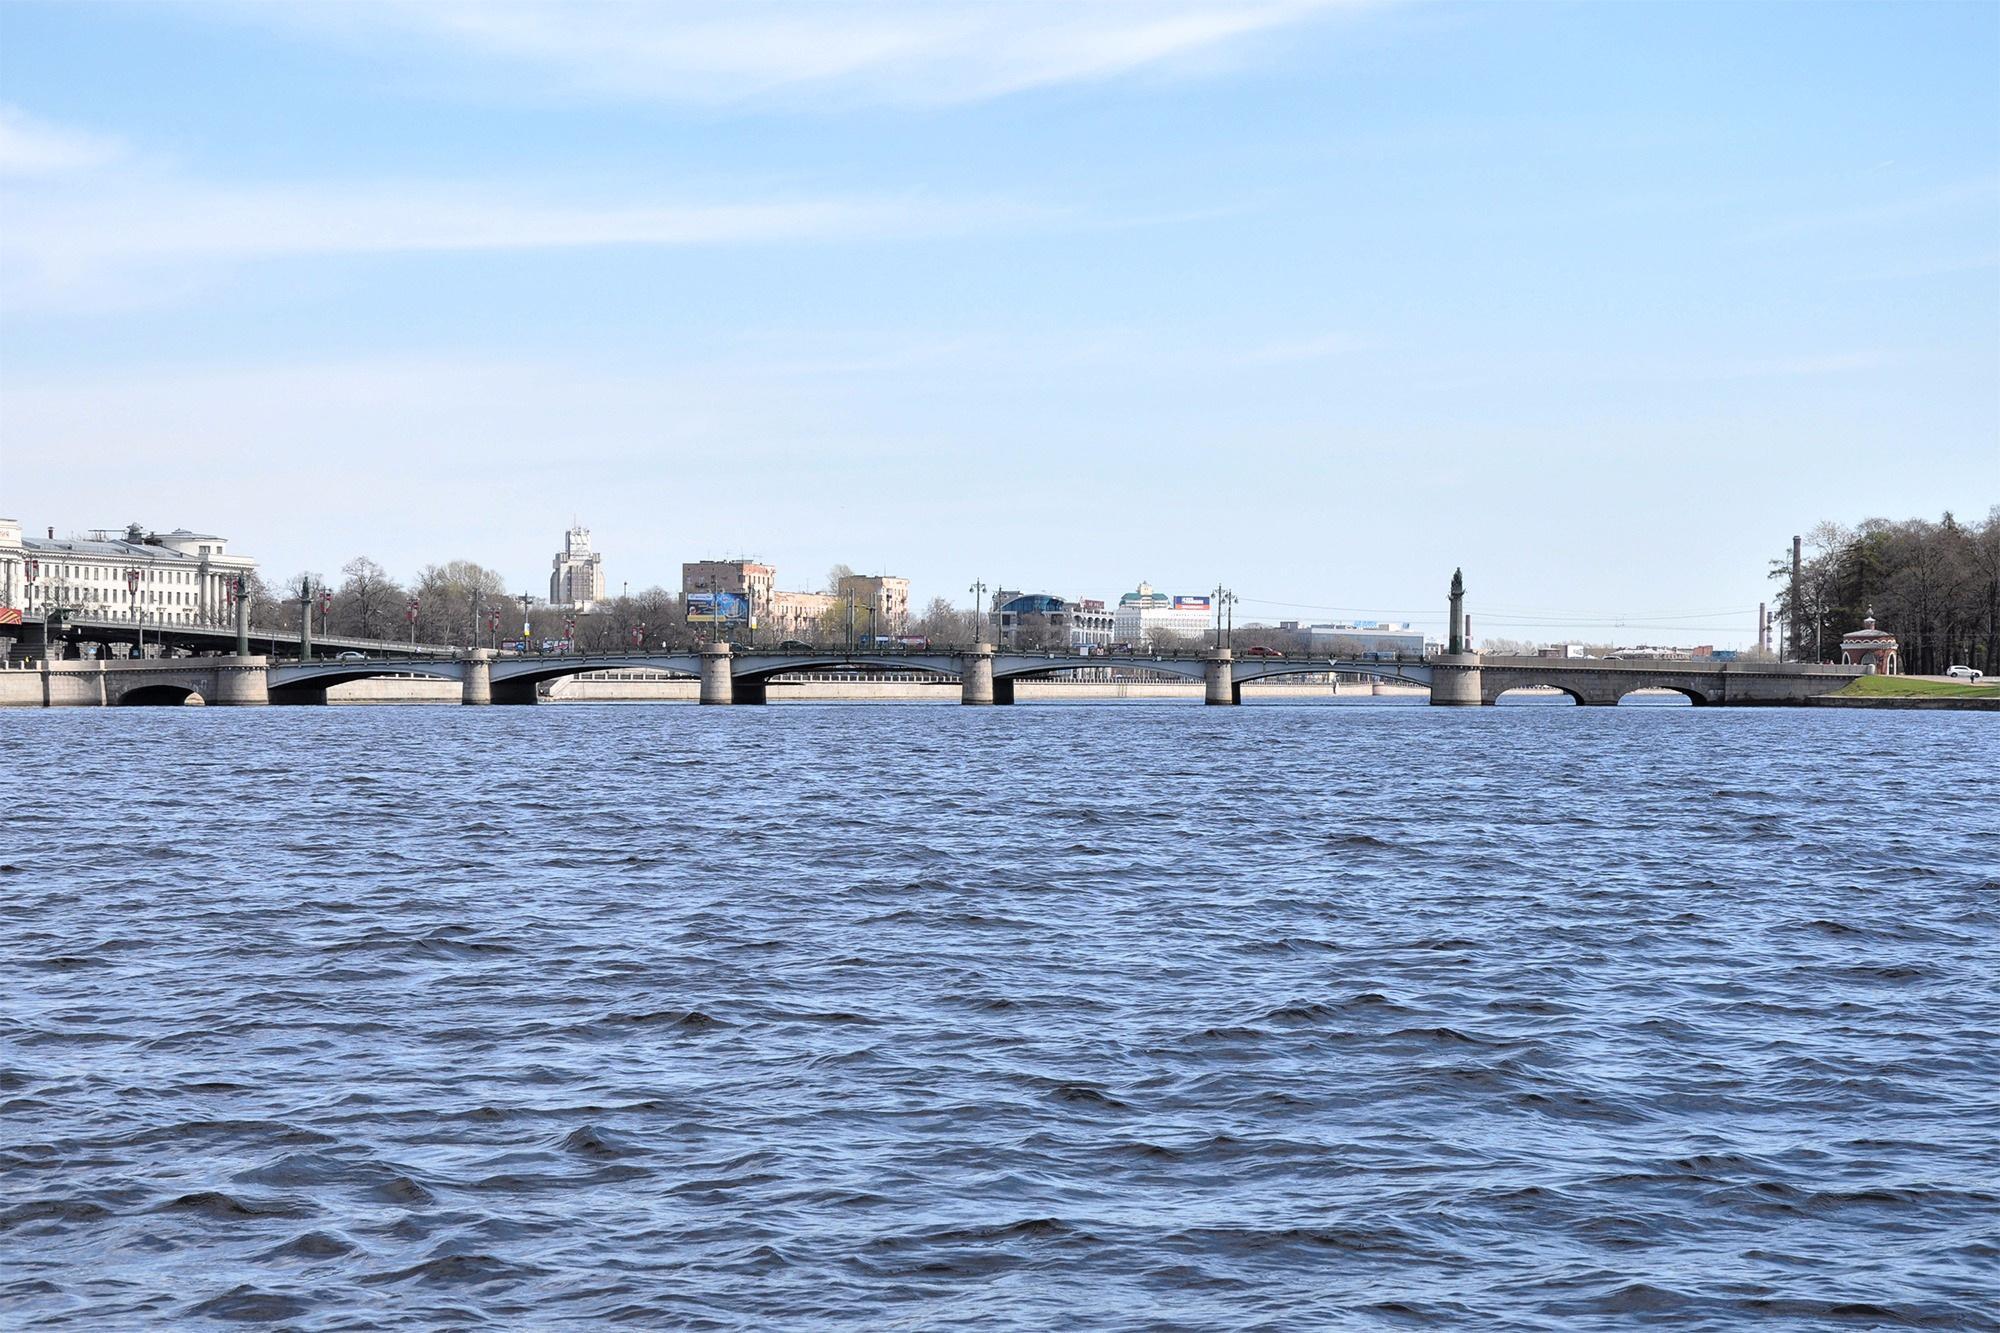 Ушаковский мост, Санкт-Петербург, Россия